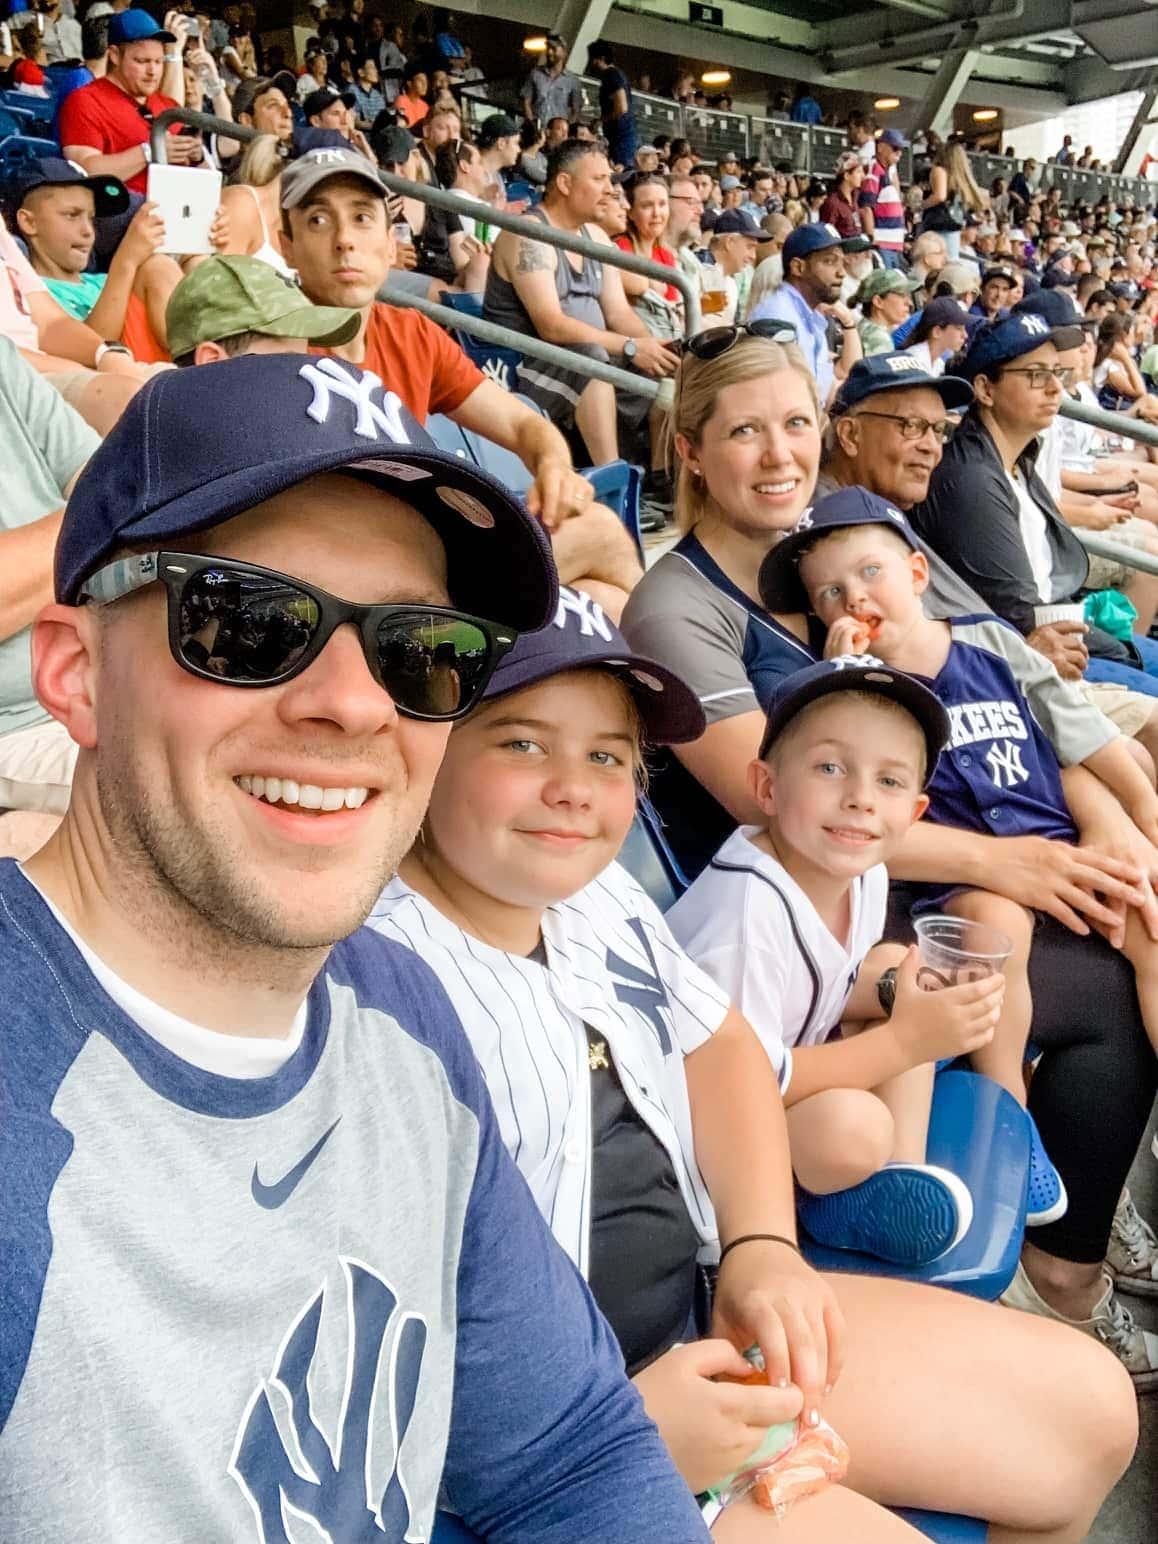 Brennan family at a baseball game